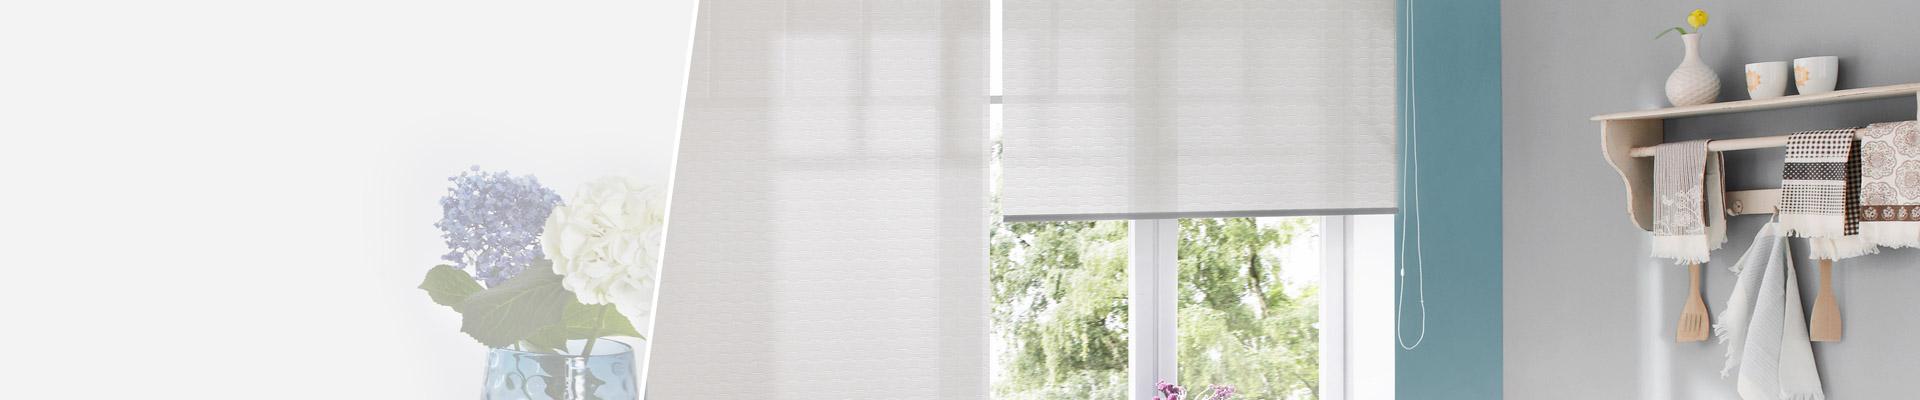 plissees rollos co fensterdeko sonnenschutz und heimtextilien aus ihrem raumtextilienshop. Black Bedroom Furniture Sets. Home Design Ideas